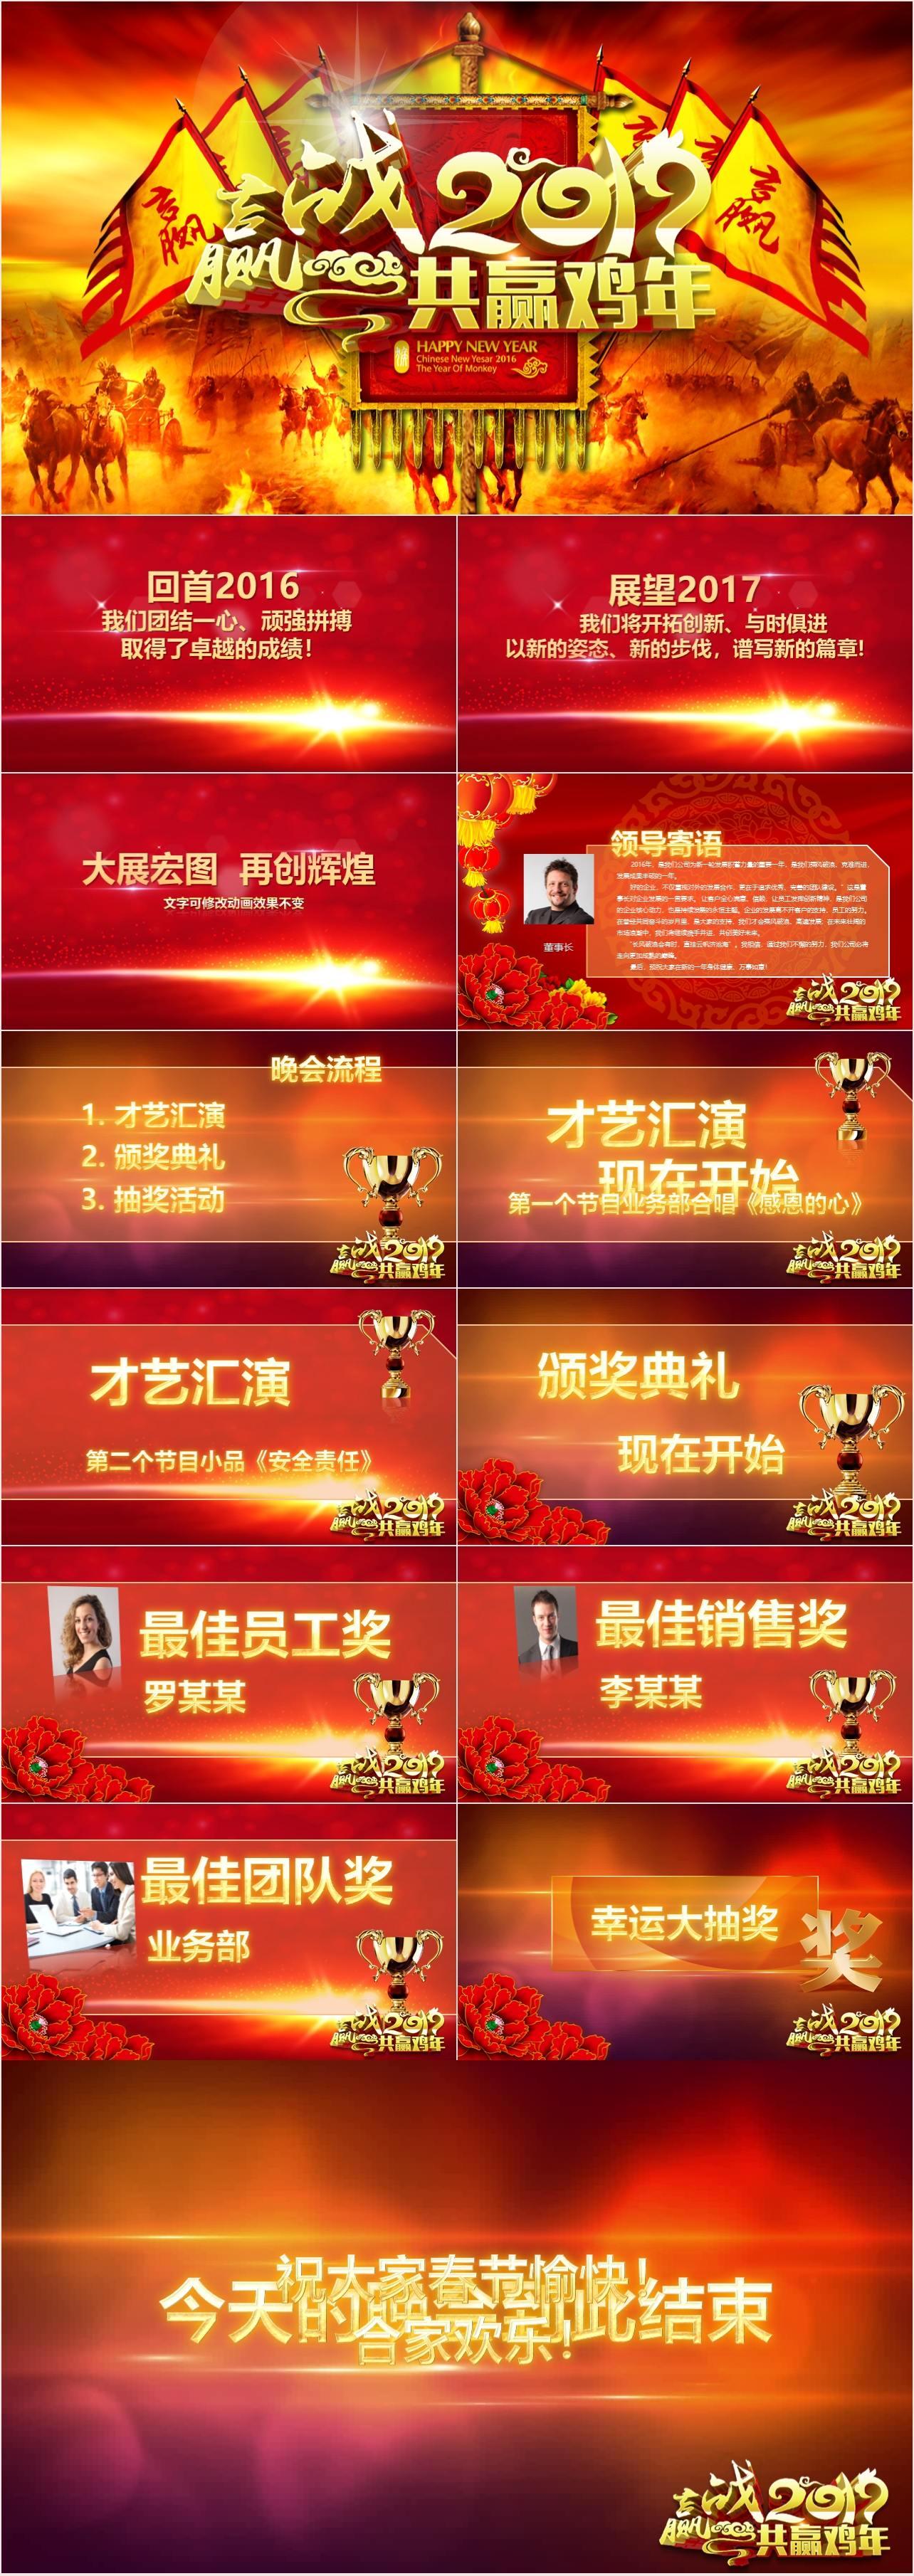 BC0124 年度最佳员工颁奖PPT模板